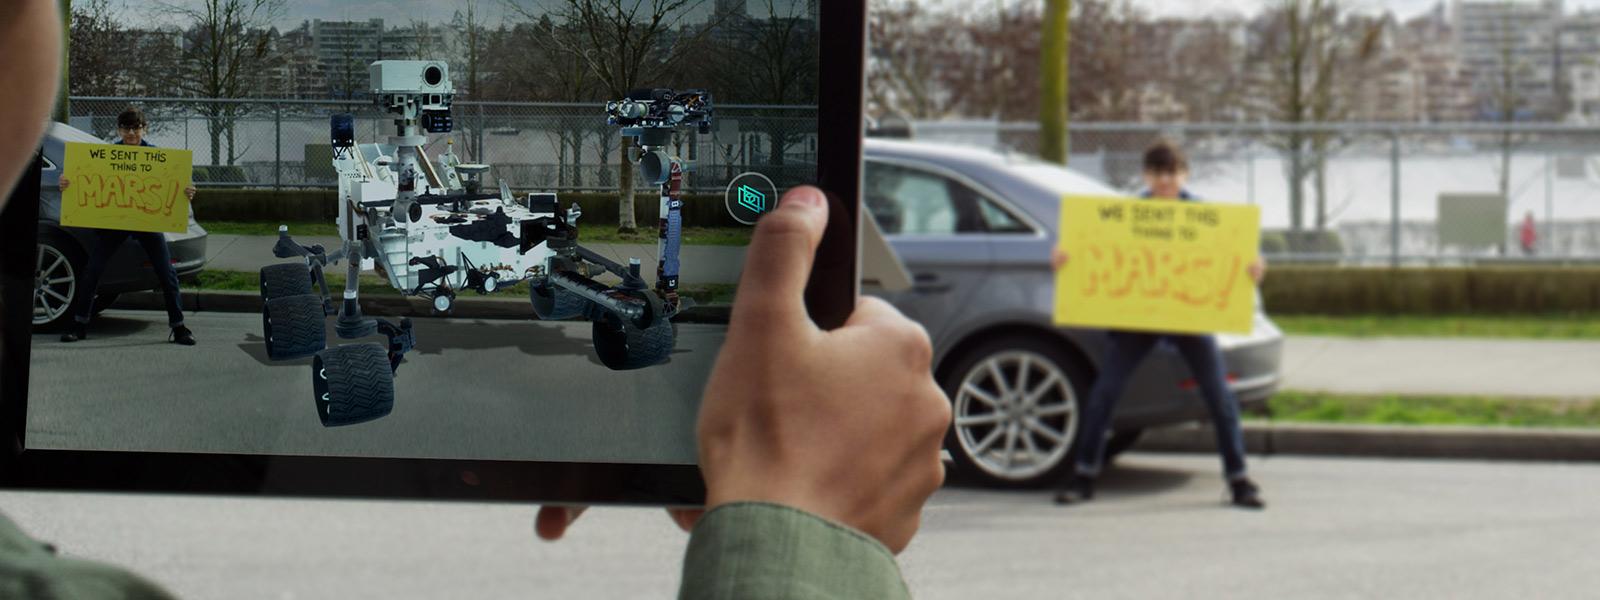 In View 3d wordt een auto toegevoegd aan een afbeelding